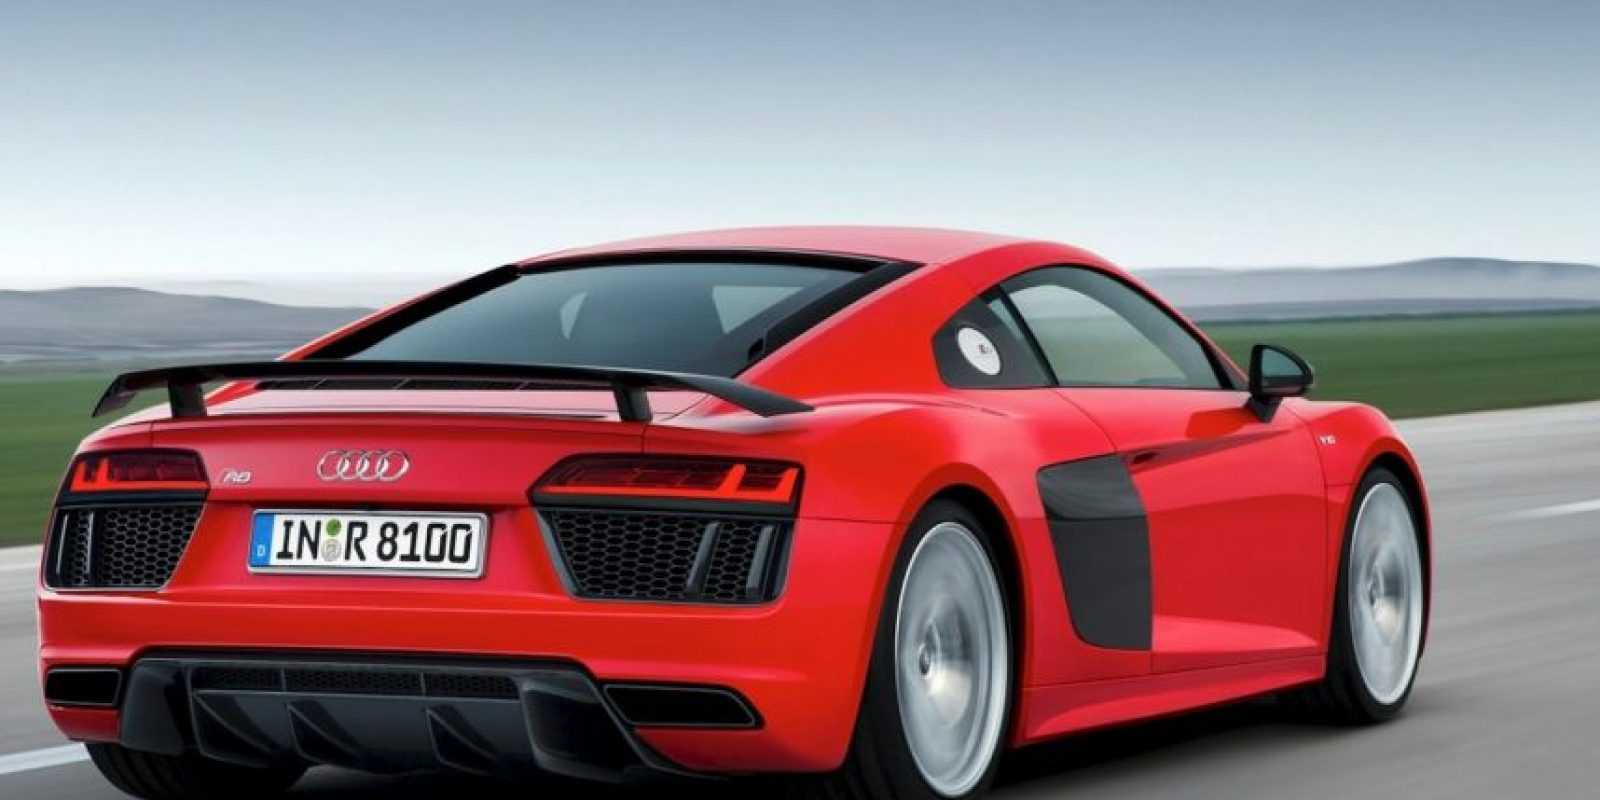 Al igual que el R8, la bicicleta de Audi tiene piel fina de napa. Foto:Audi